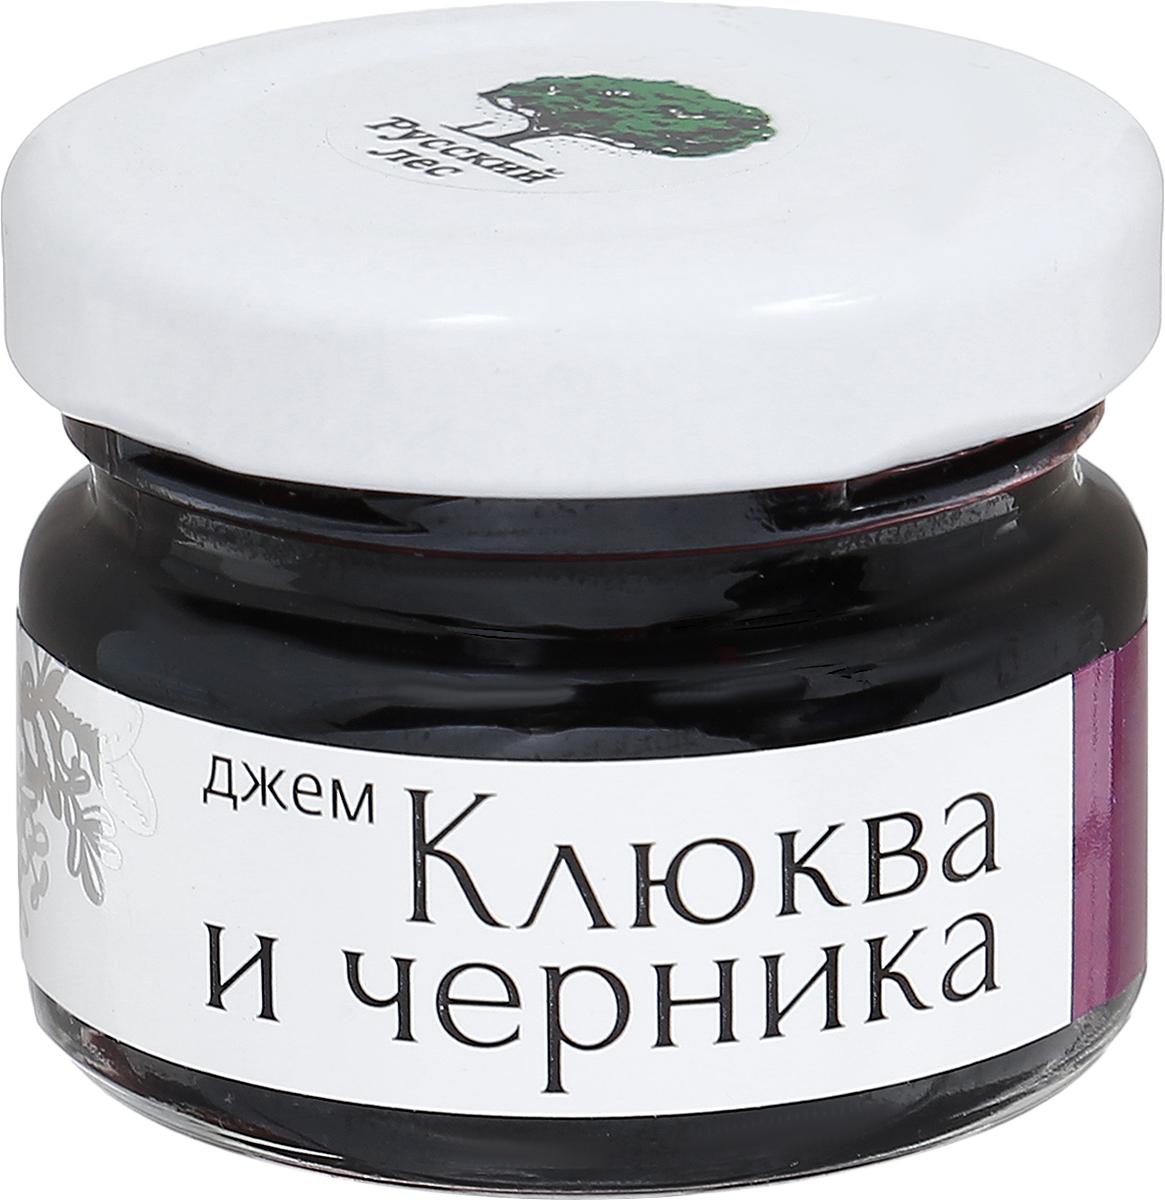 Русский лес Клюква и черника джем без сахара, 25 г mr djemius zero низкокалорийный джем клюква 270 г